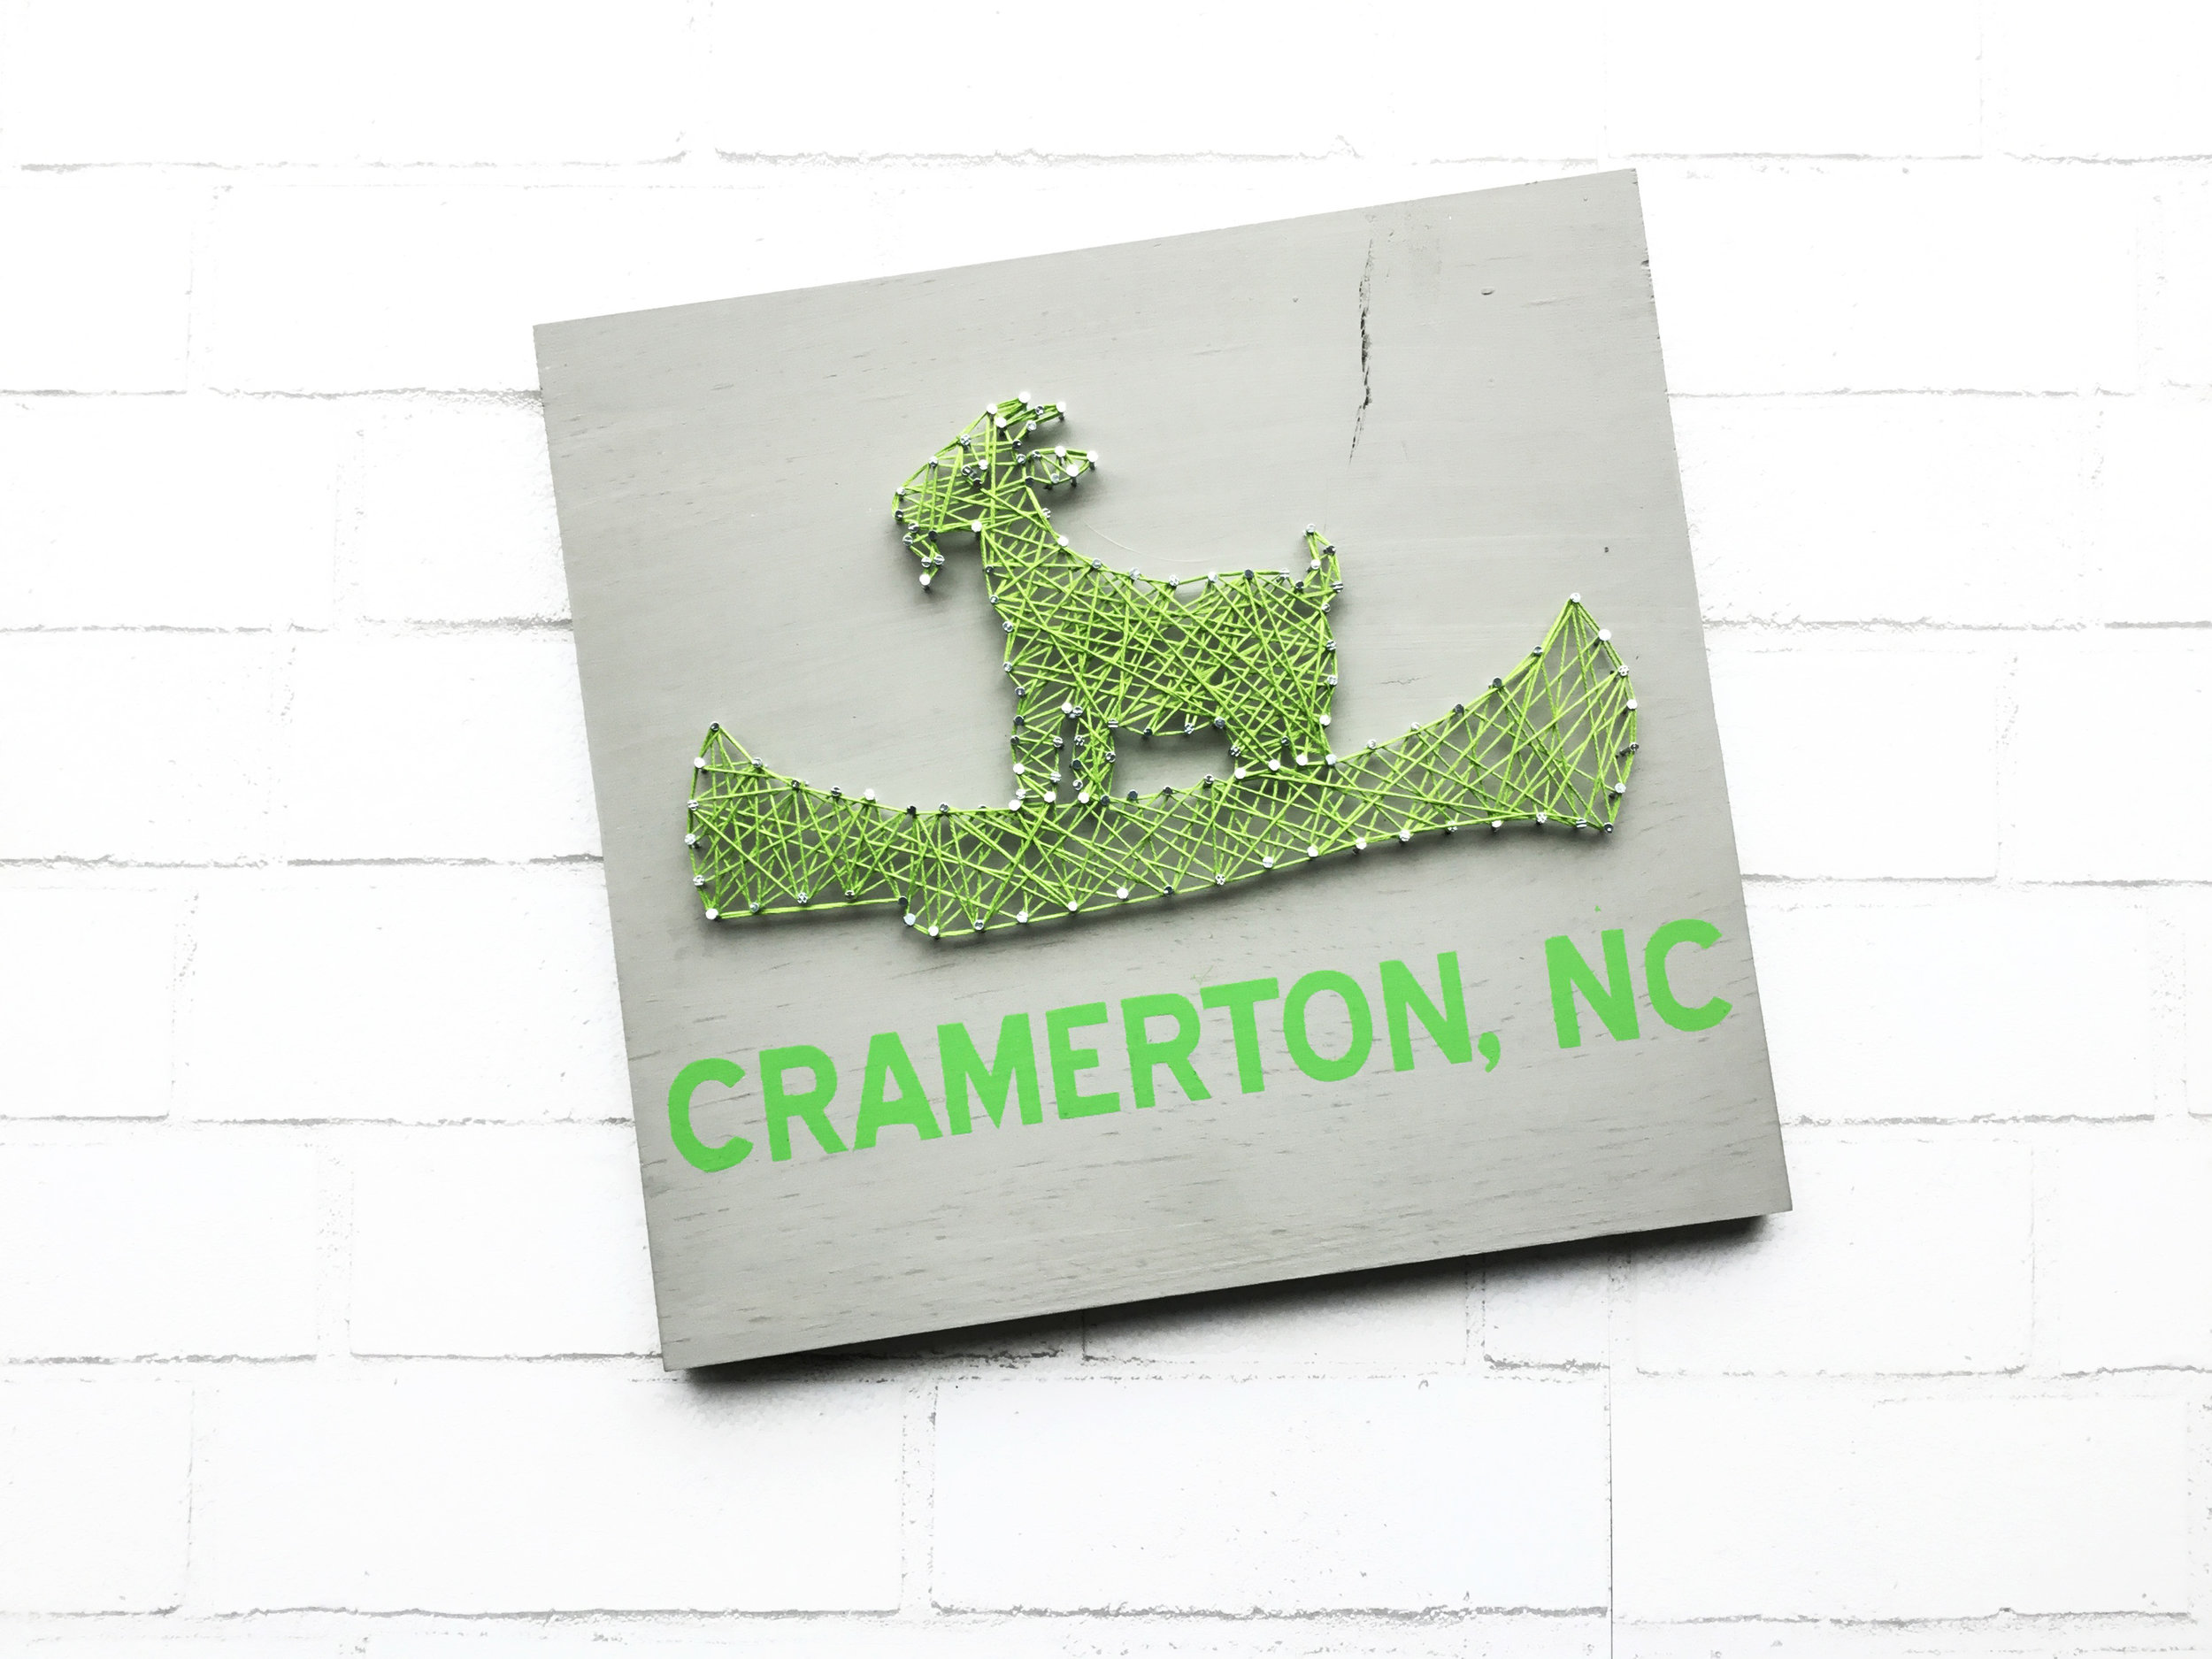 Cramerton N&S.jpg